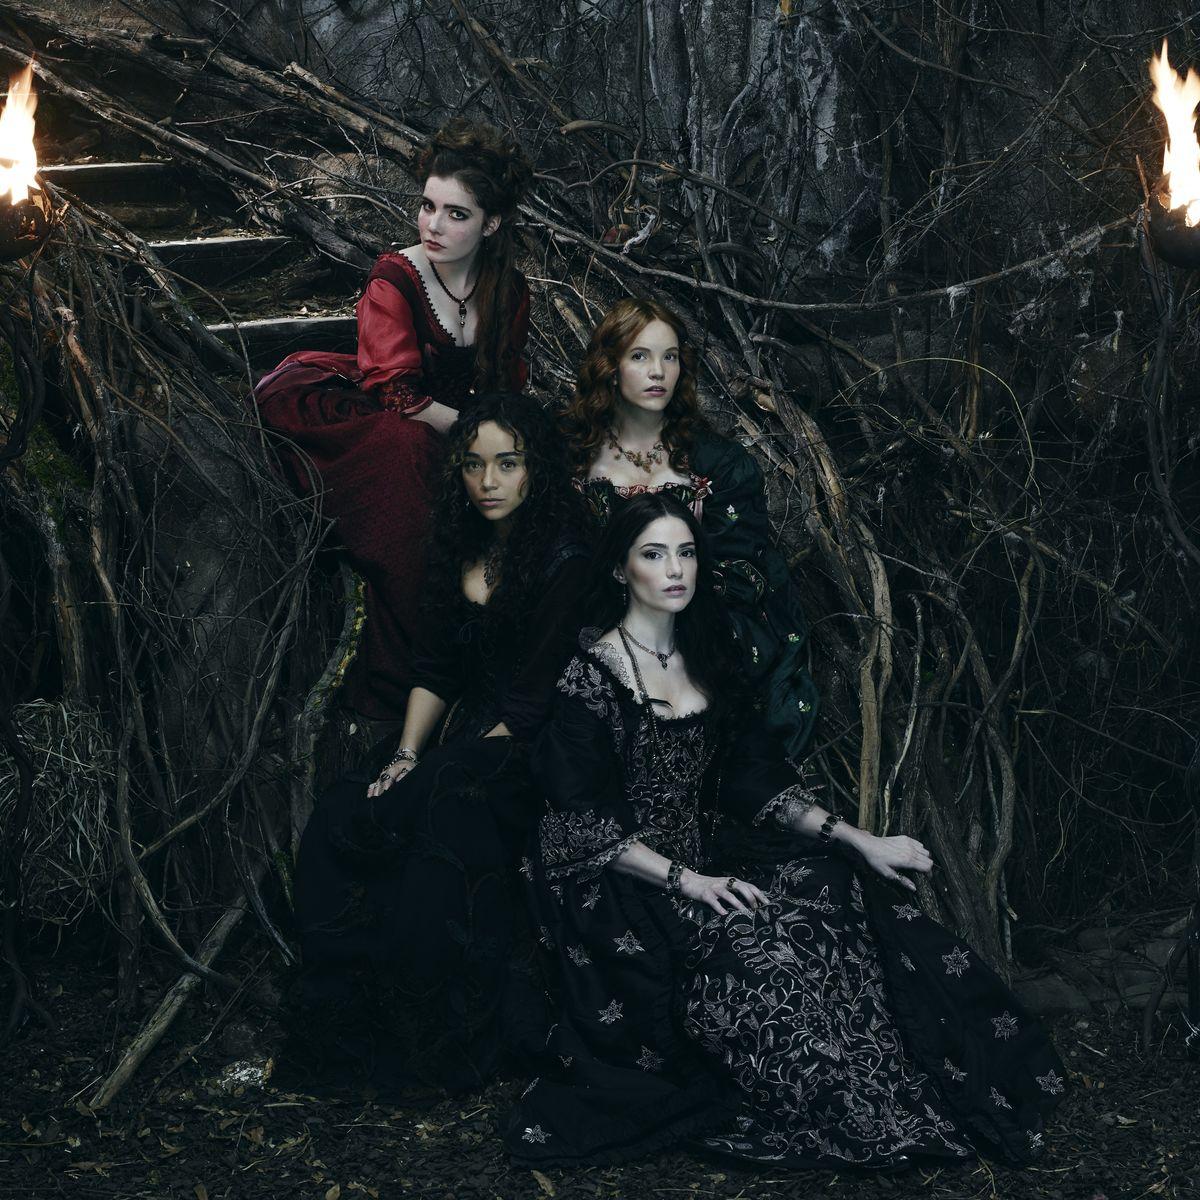 Salem_Season3_9_0.jpg